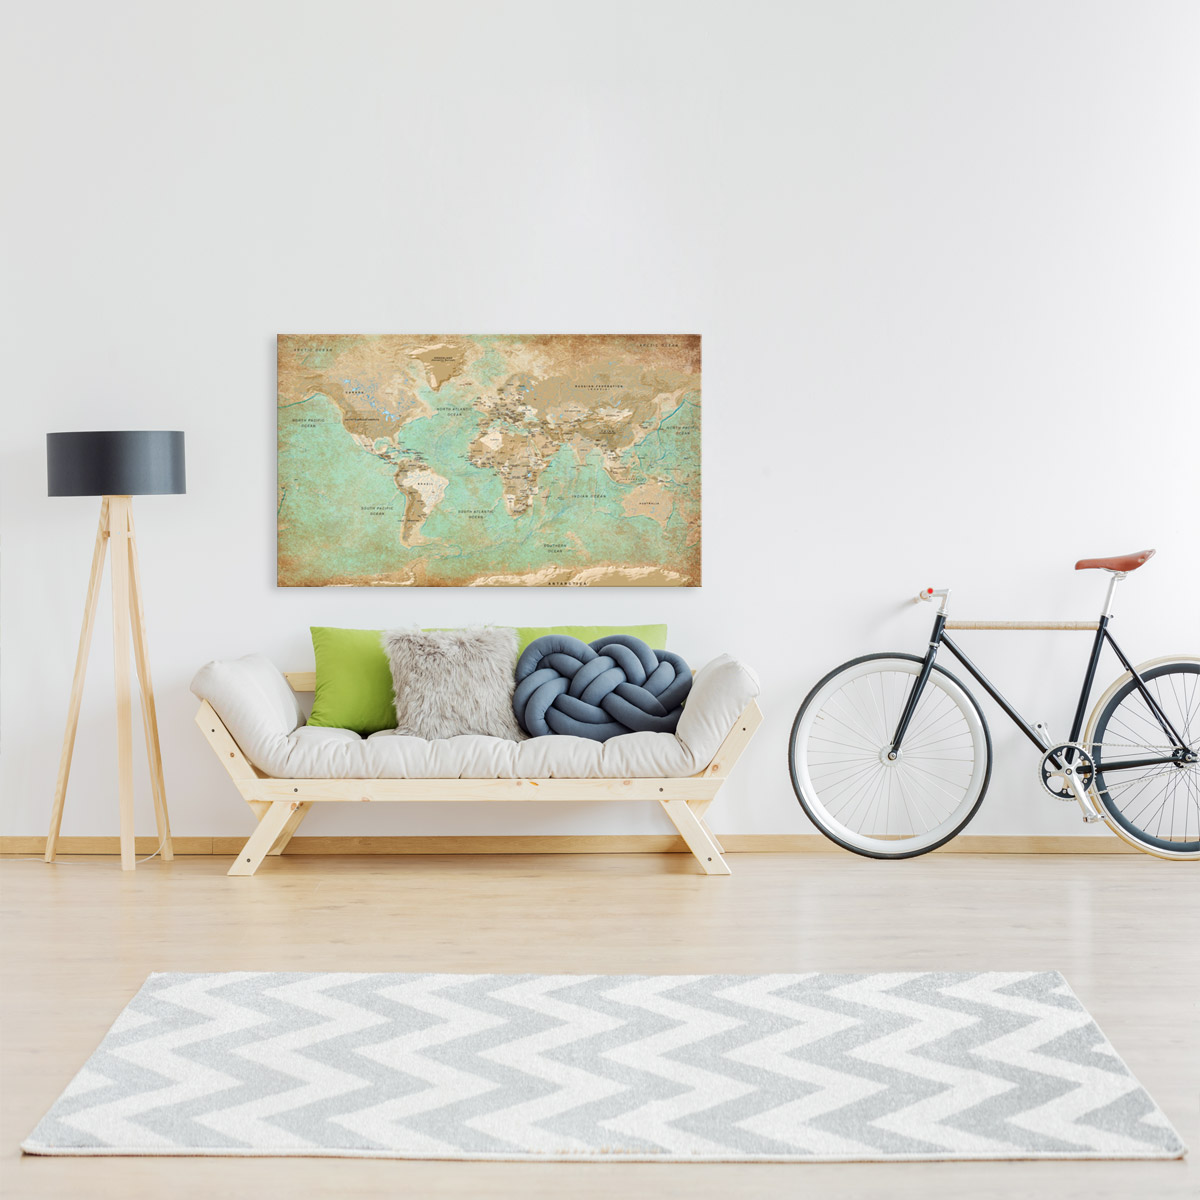 Snygga tavlor online - canvastavlor och mlningar fr alla rum